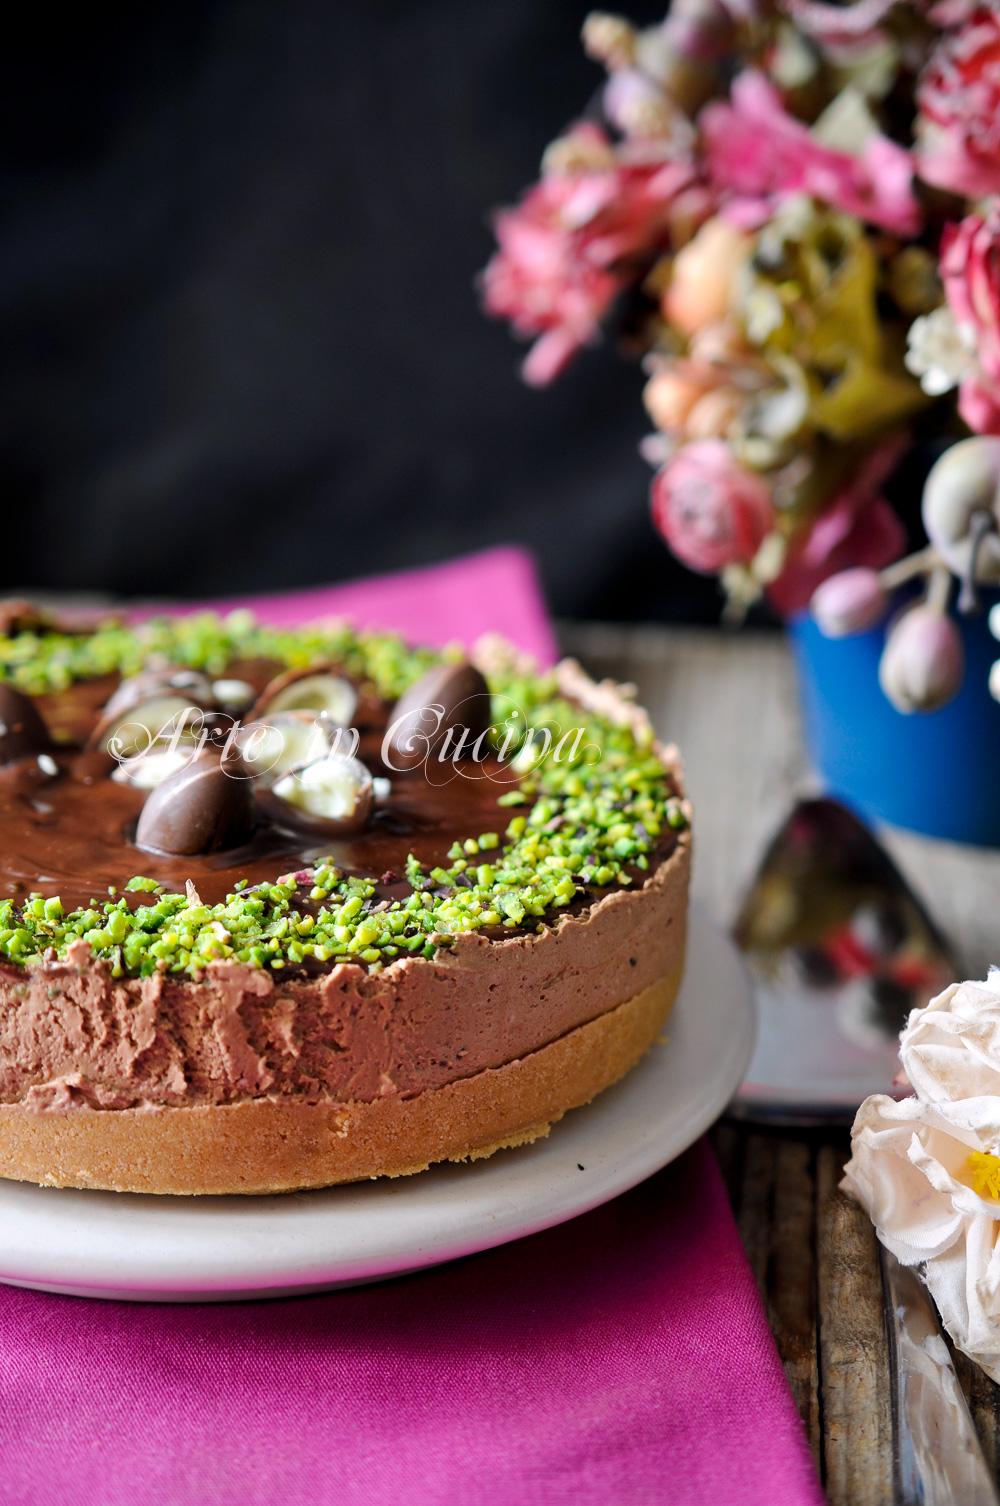 Cheesecake cioccolato e pistacchi ricetta veloce vickyart arte in cucina